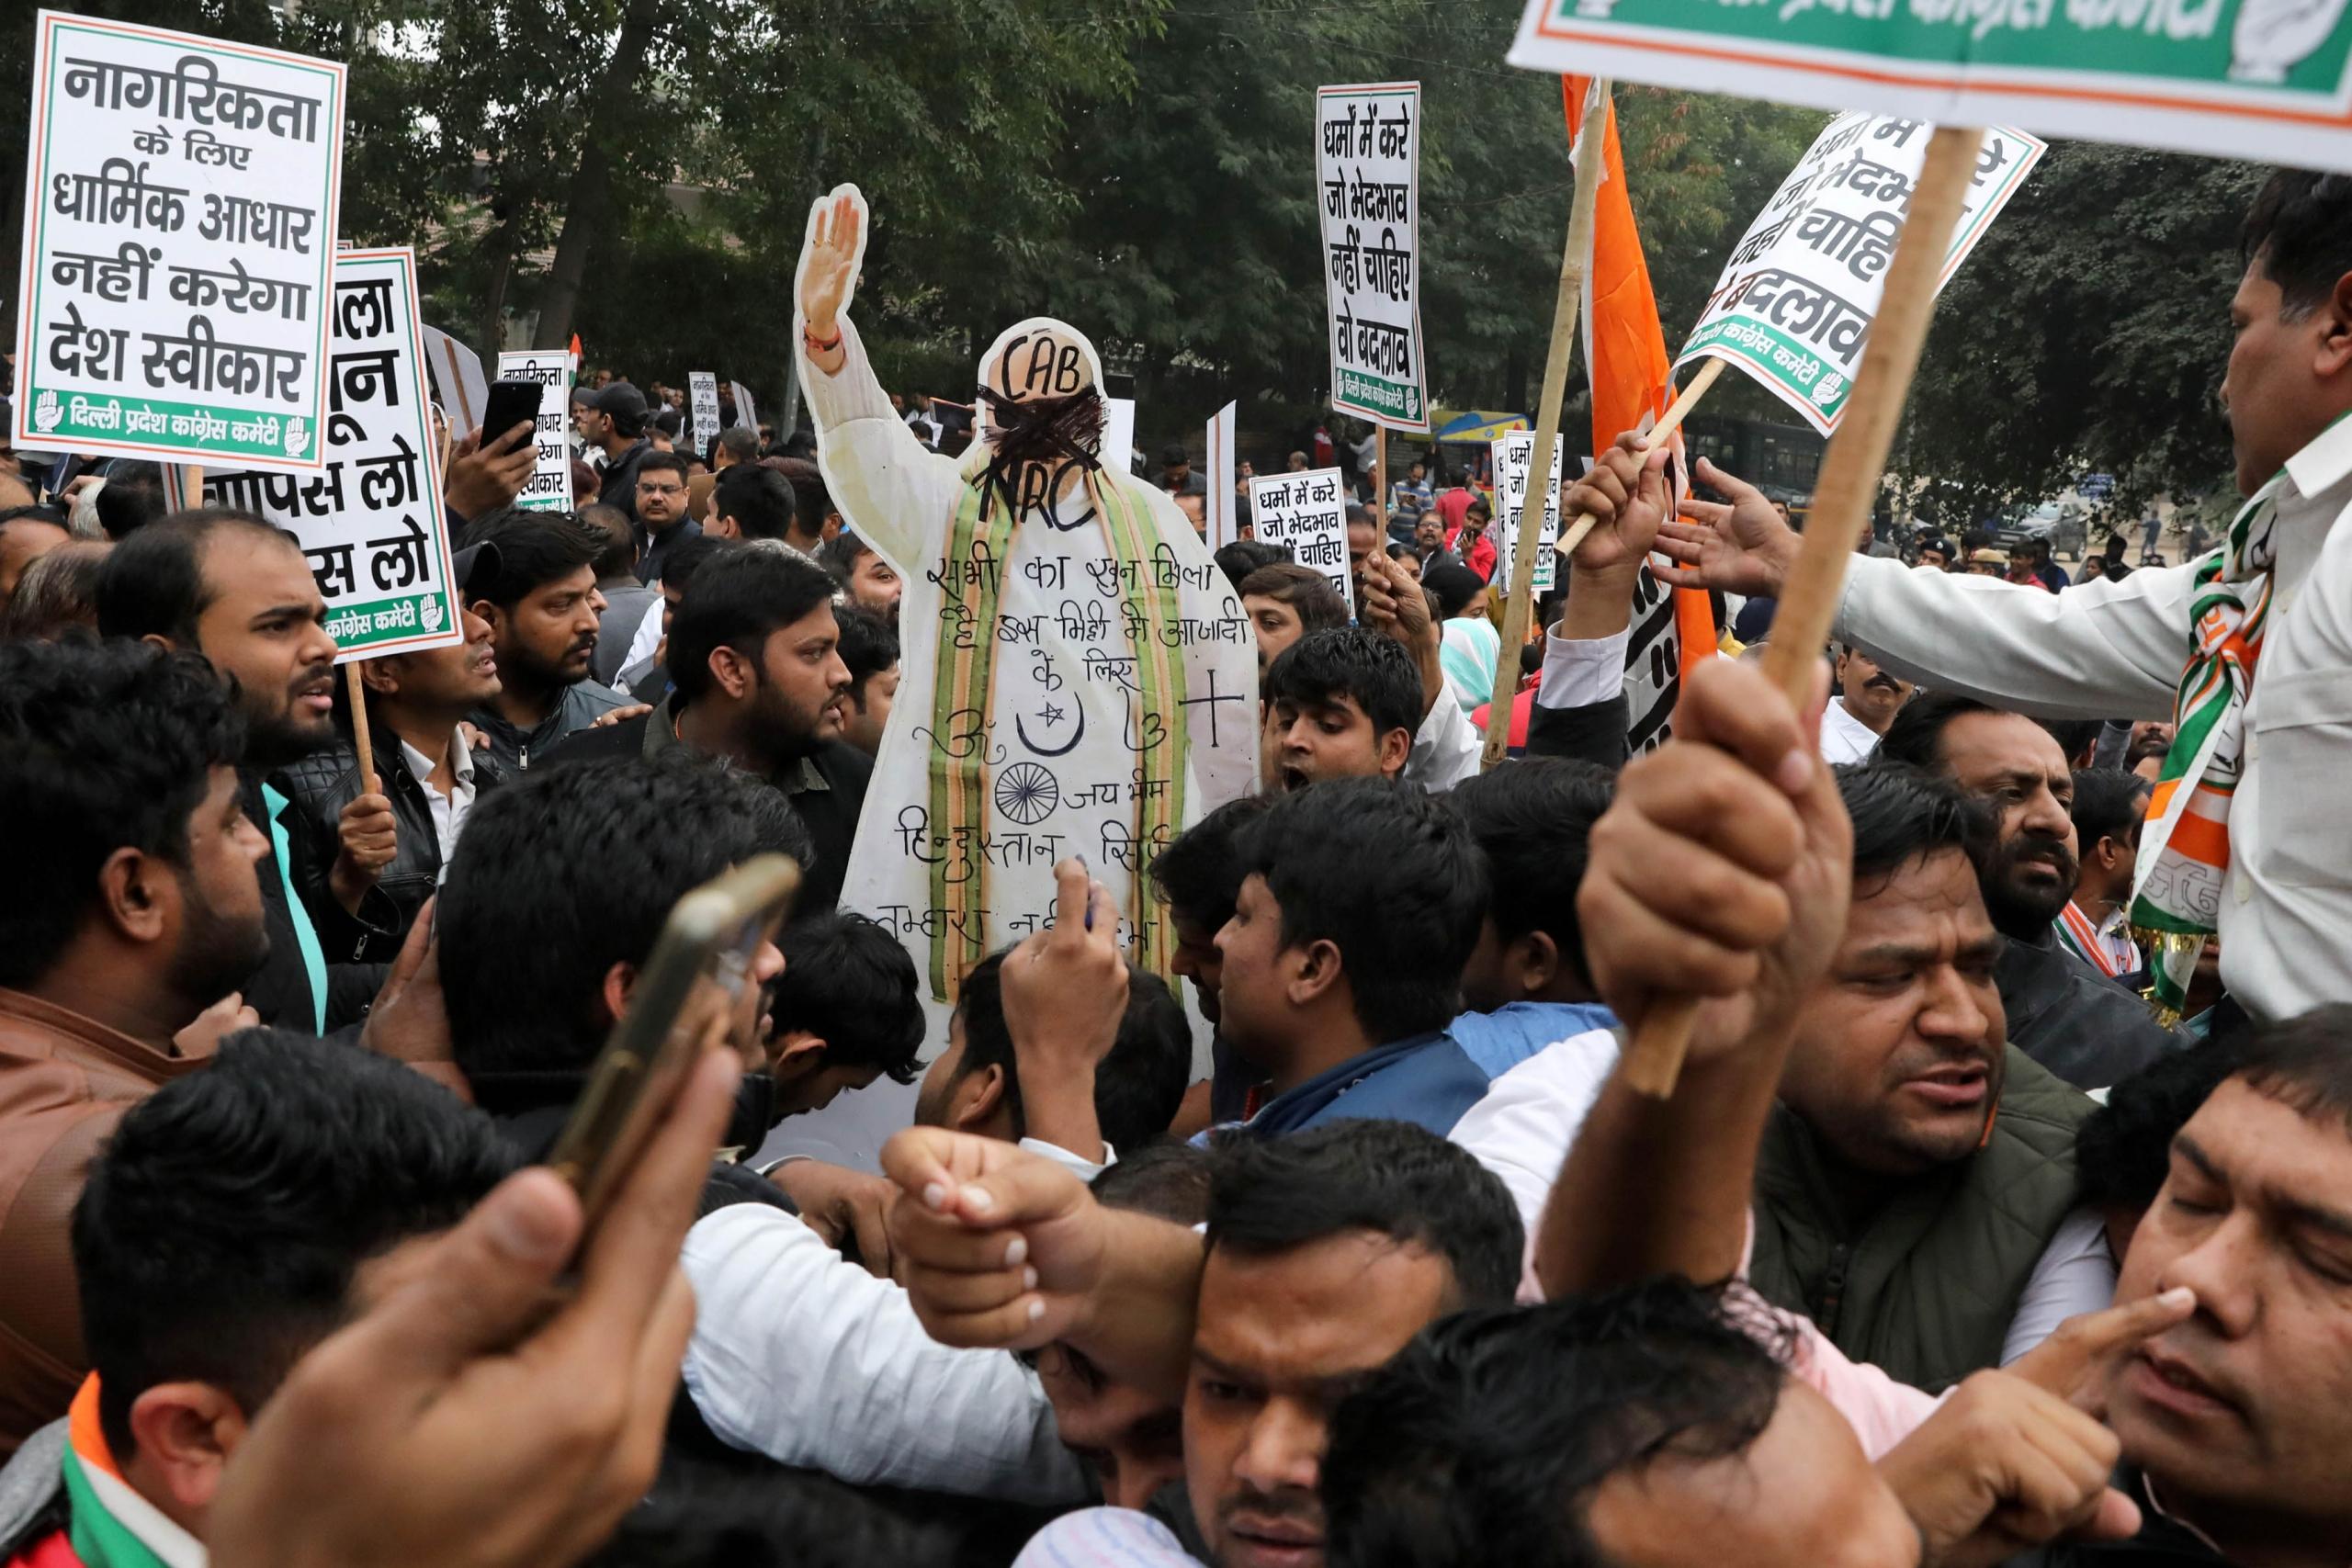 India: Nueva Delhi se sumerge en una ola de violencia tras conflictos entre musulmanes e hindúes